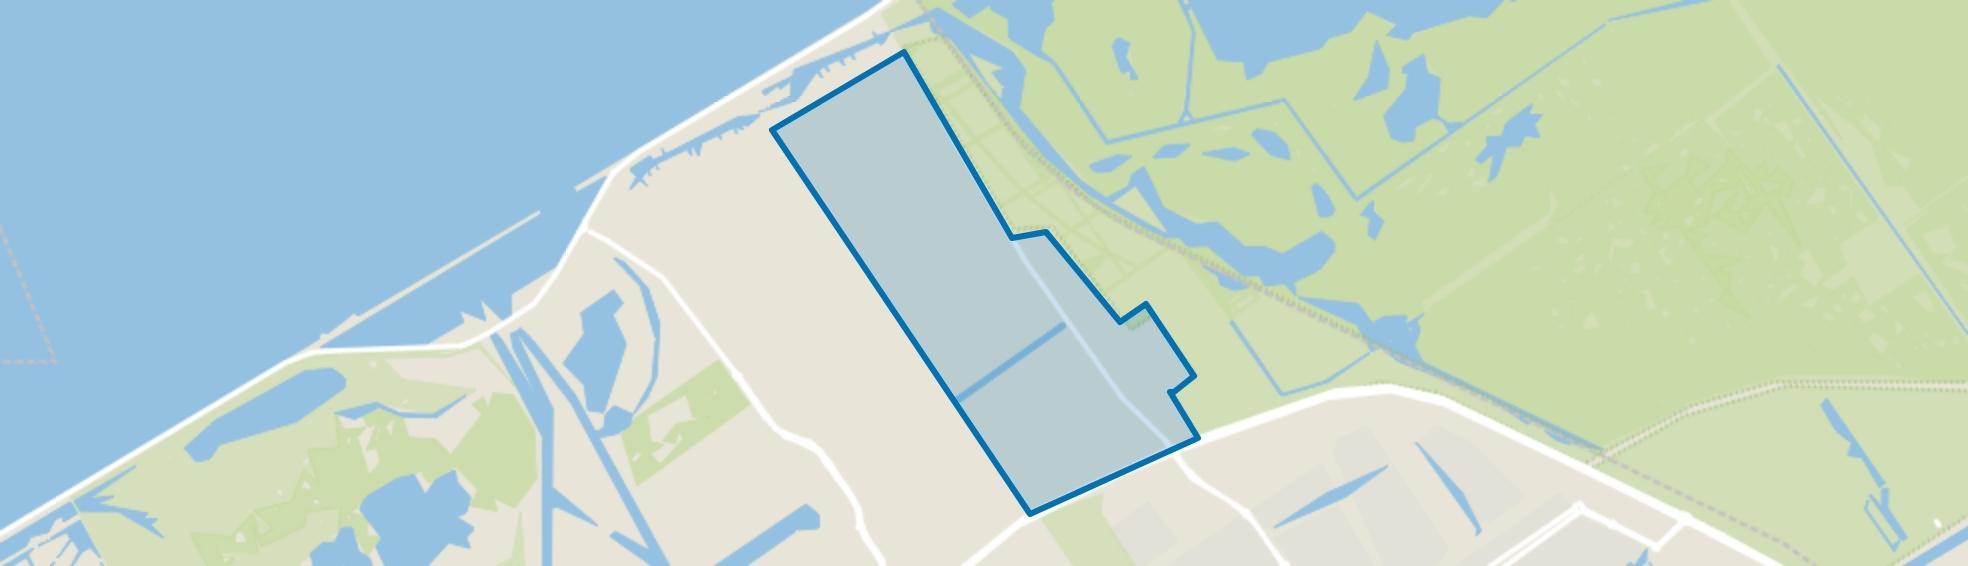 Buitenvaart, Almere map